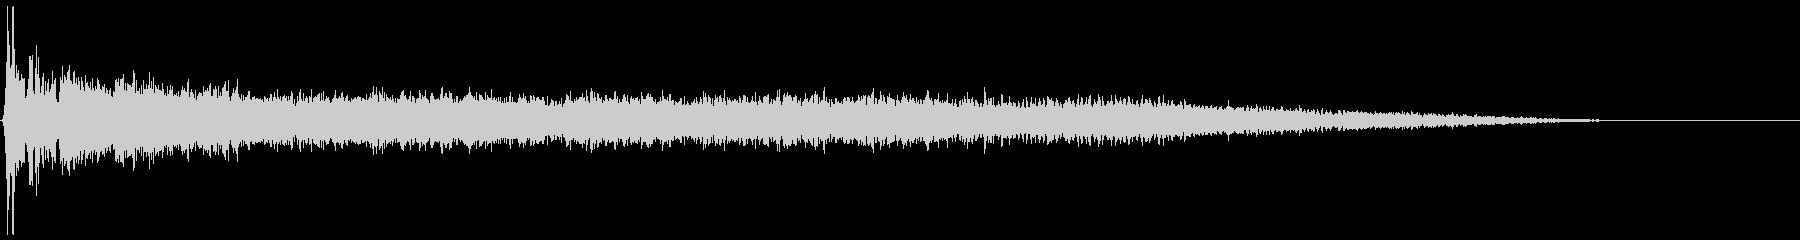 ハードディスク 停止音(ウィィィン)の未再生の波形